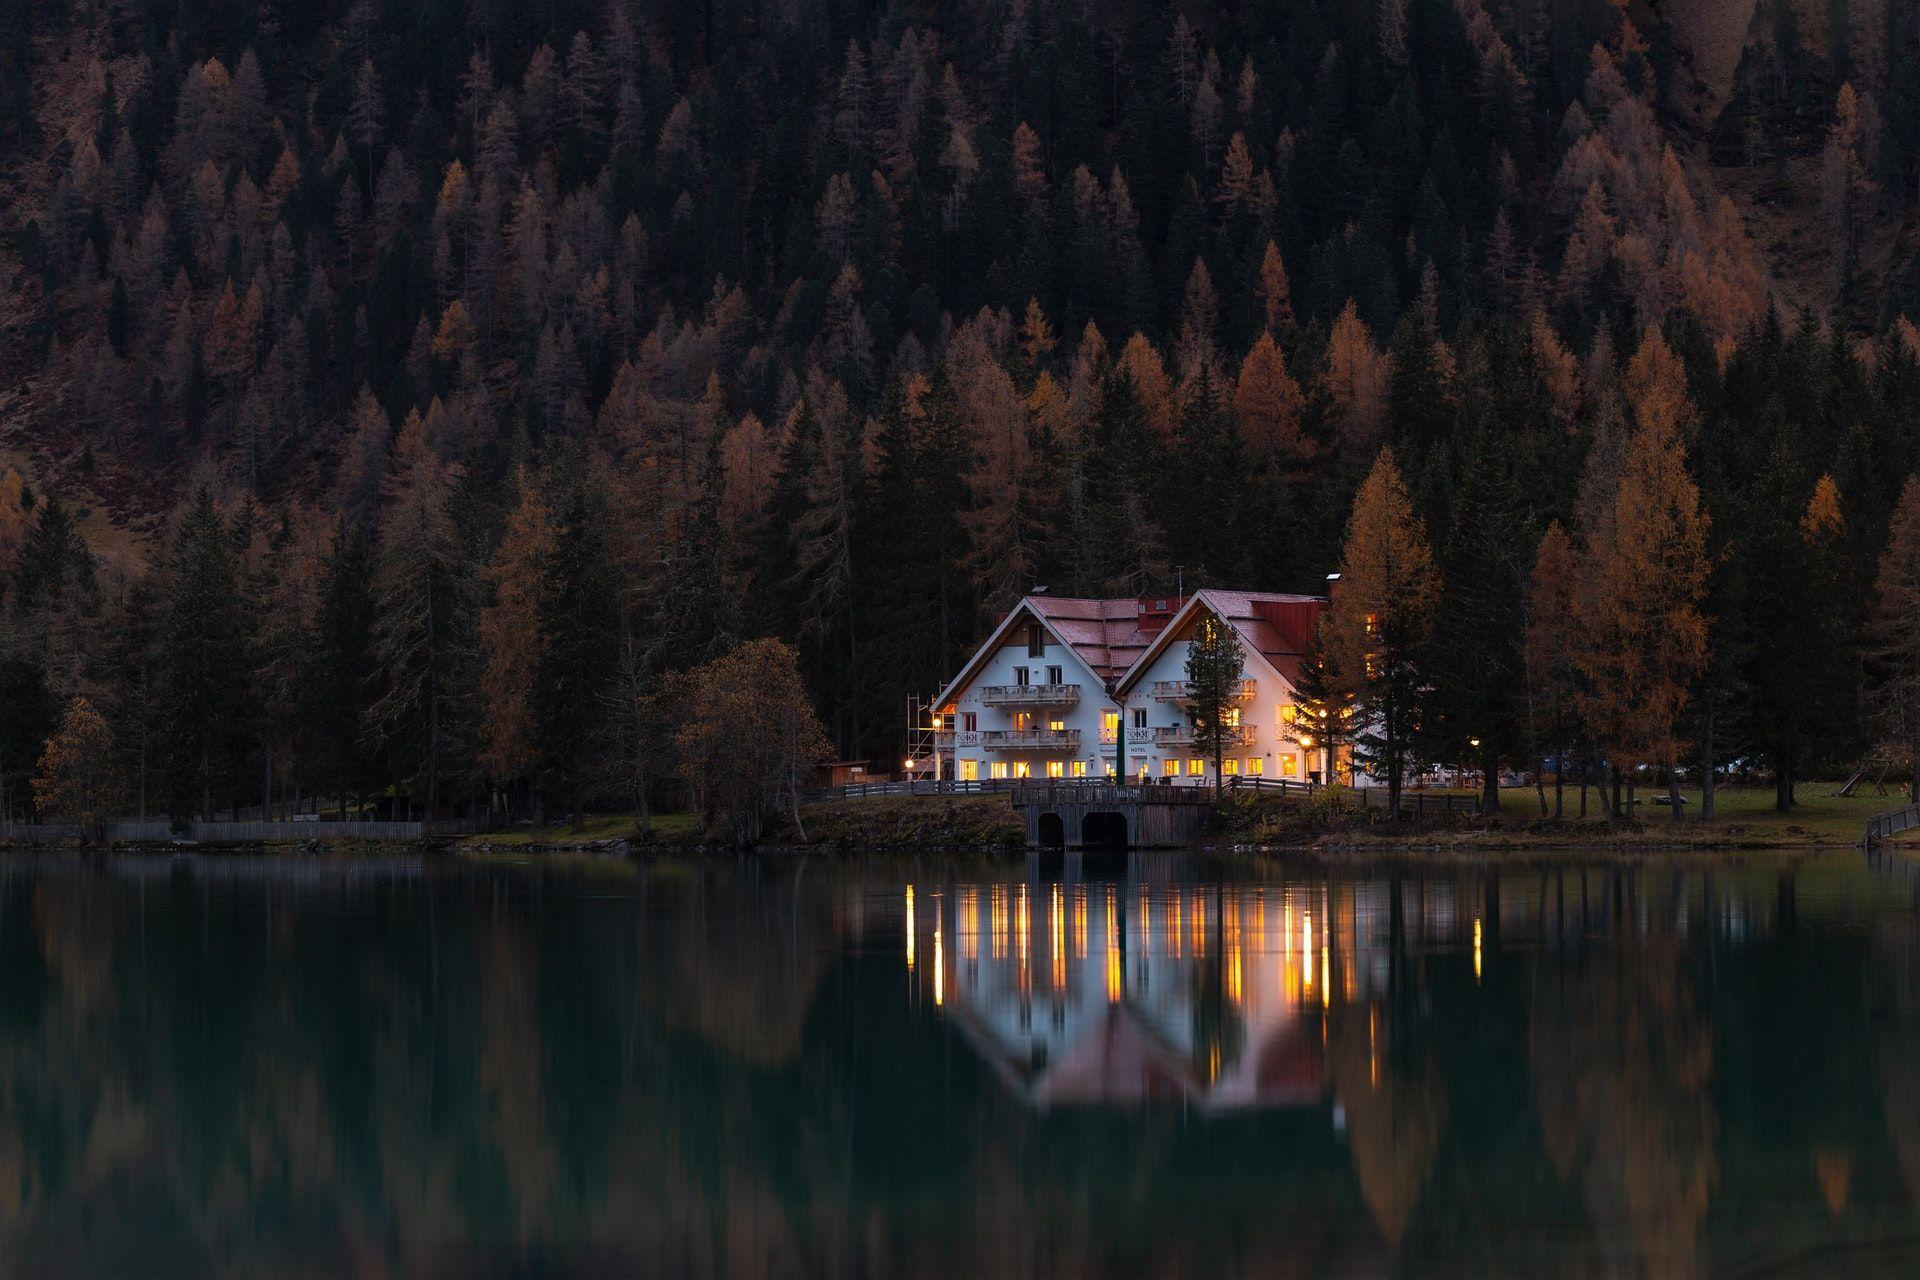 عکس زمینه خانه احاطه شده توسط ختان در شب پس زمینه